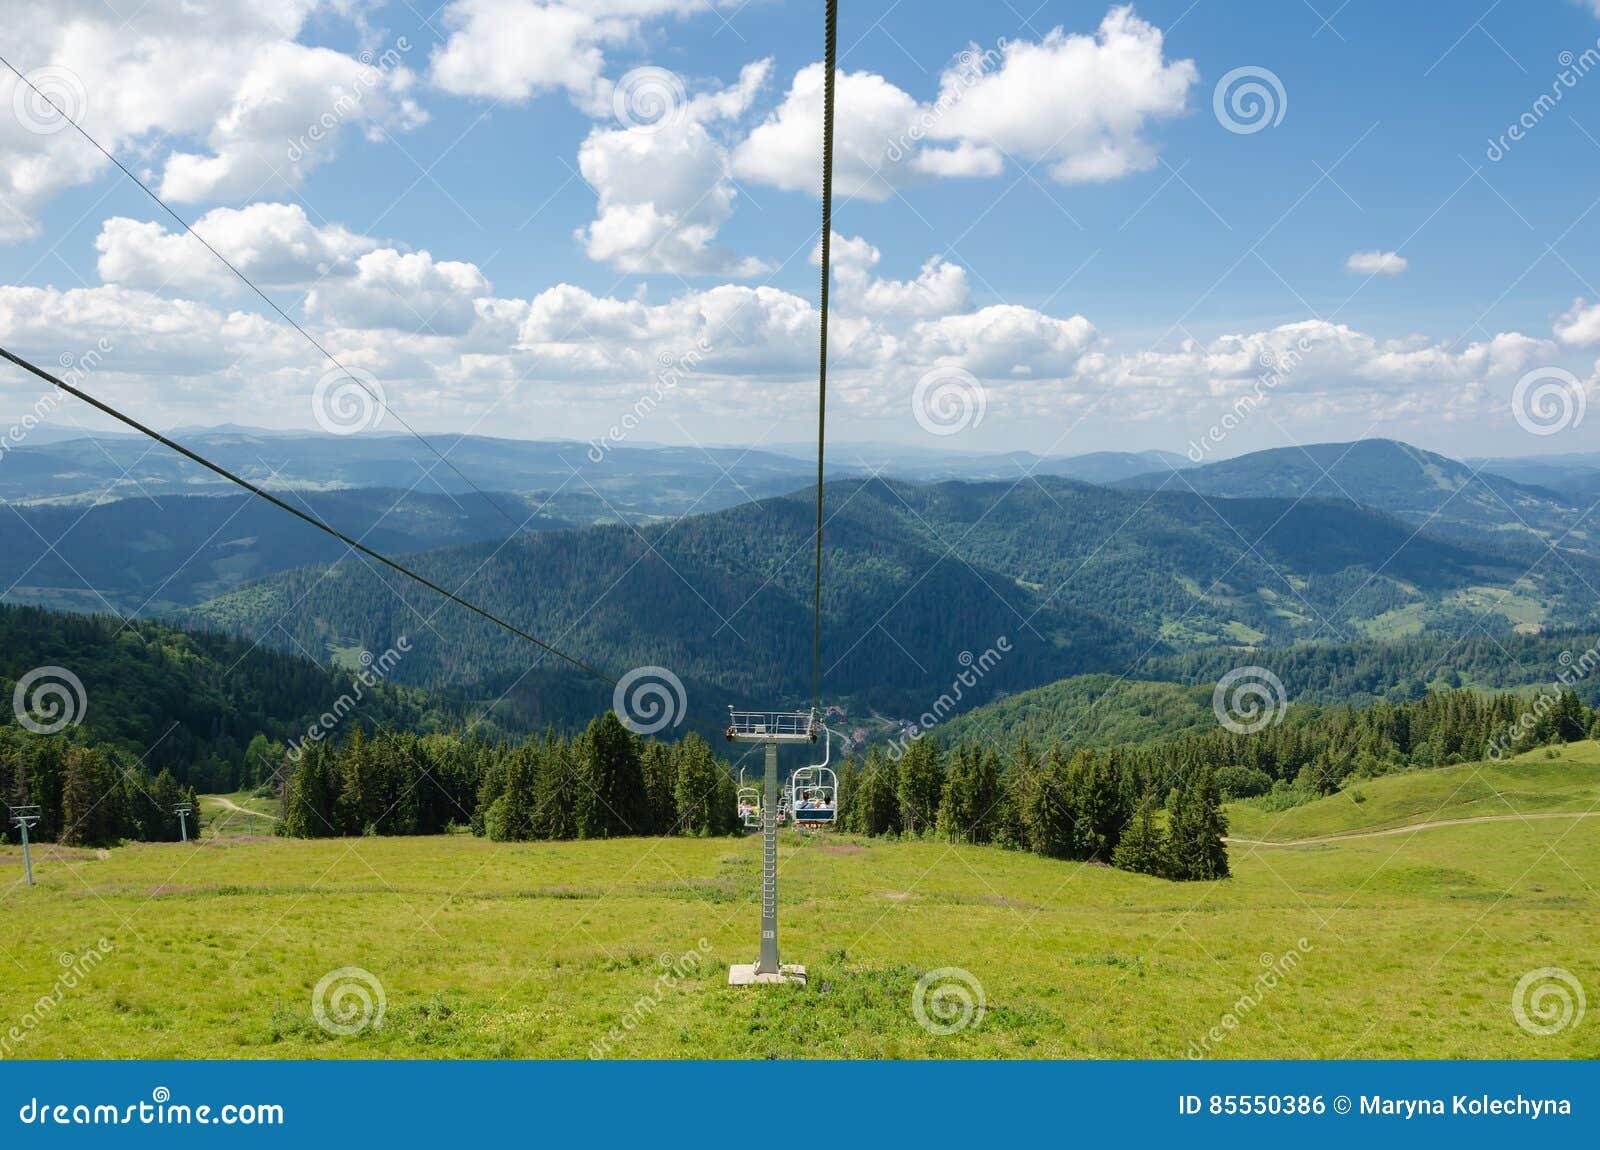 Karpaten Ukrainische Berge RAUM FÜR BEDECKUNGSschlagzeile UND TEXT